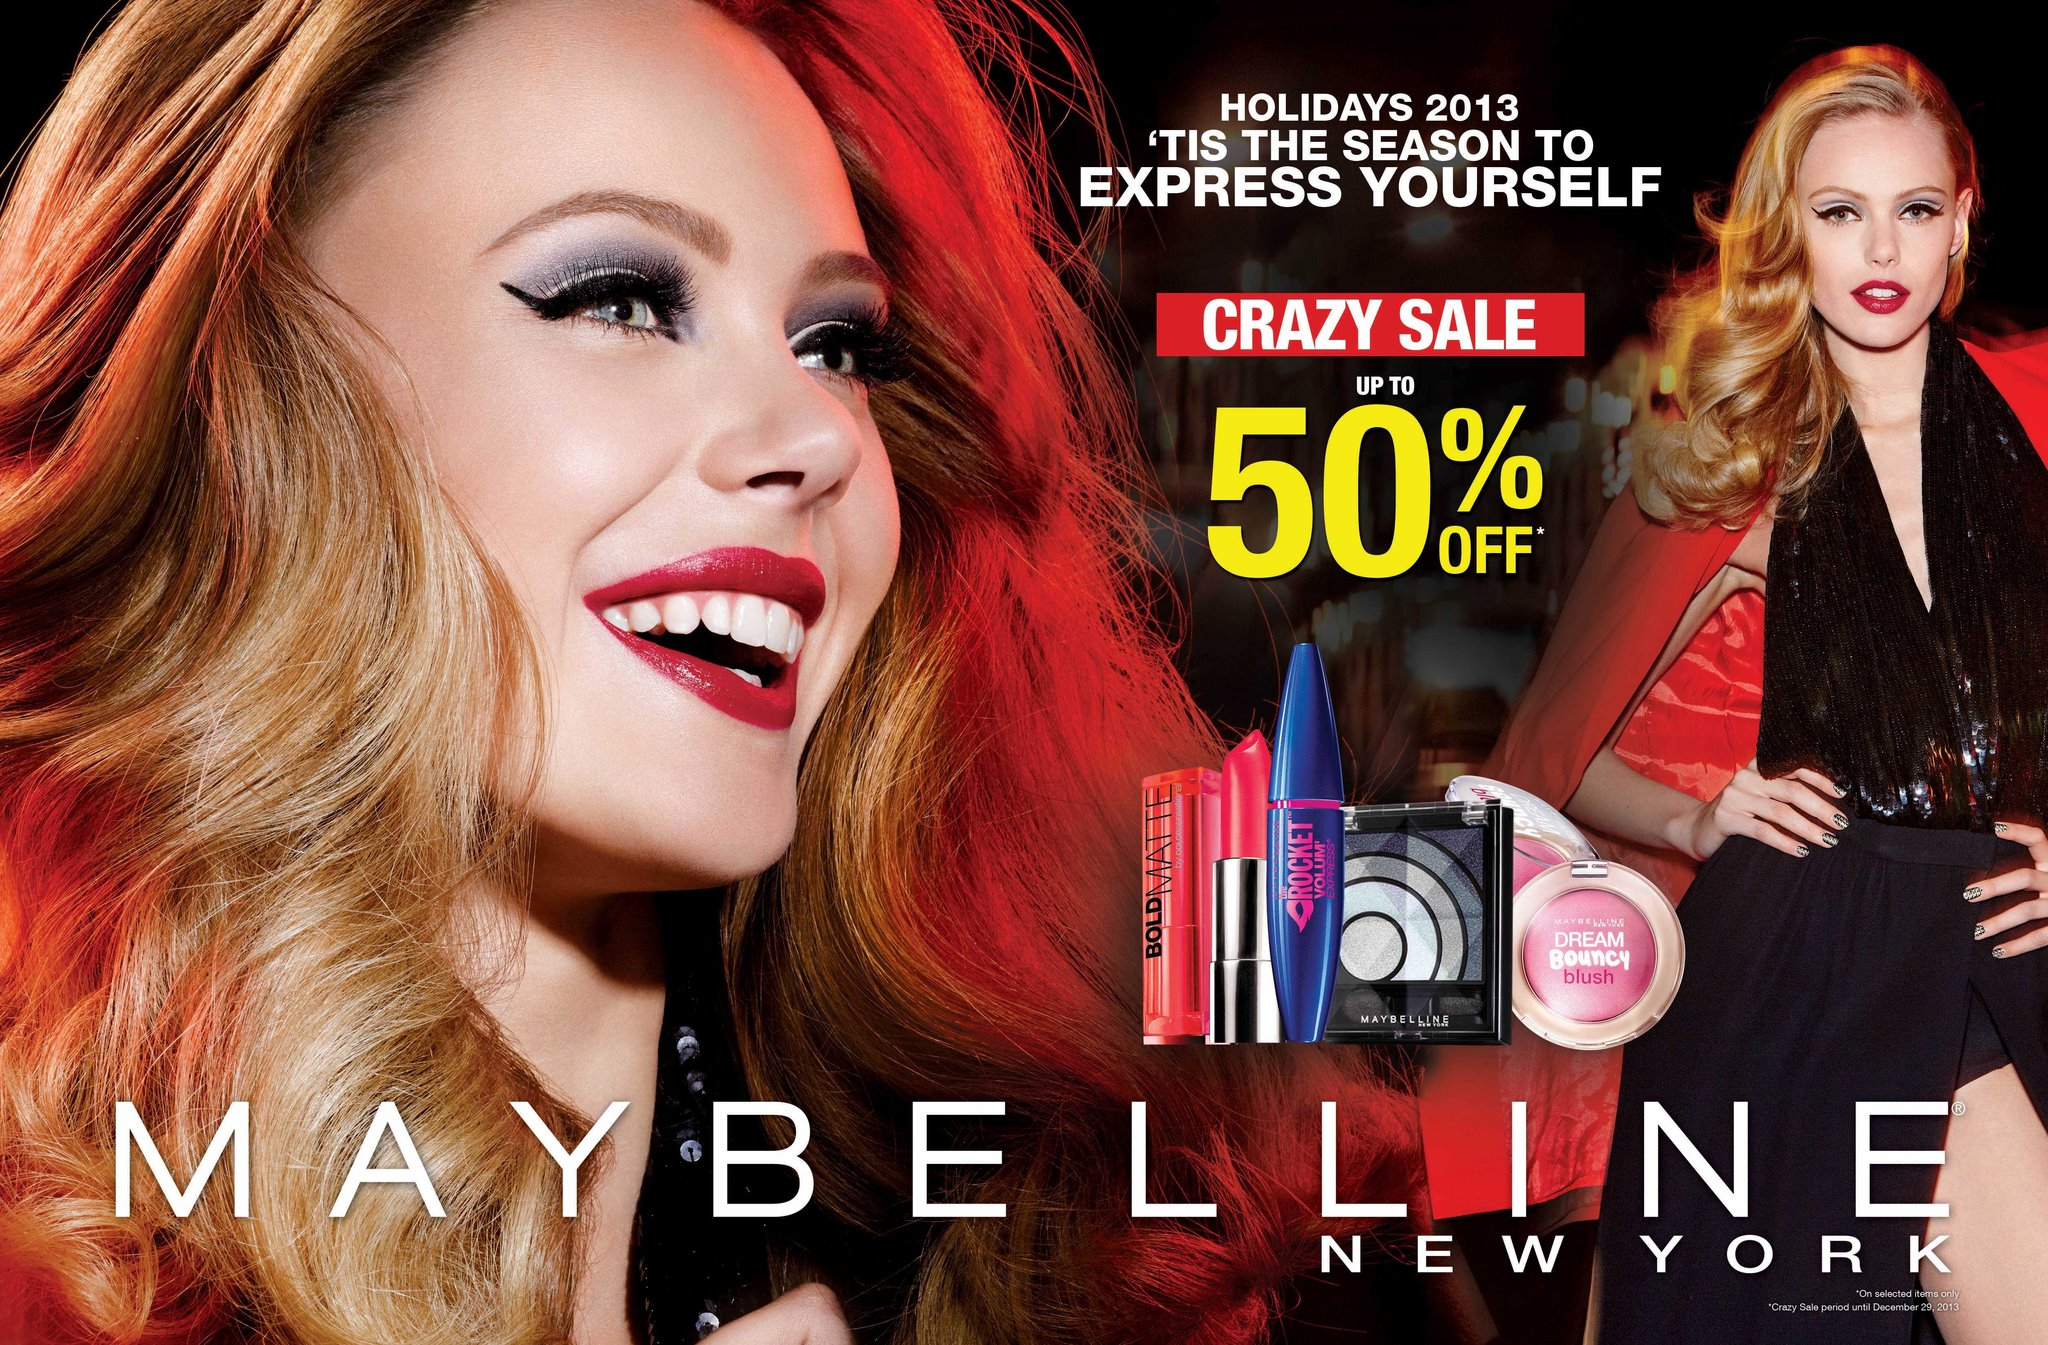 Maybelline Crazy Sale November - December 2013